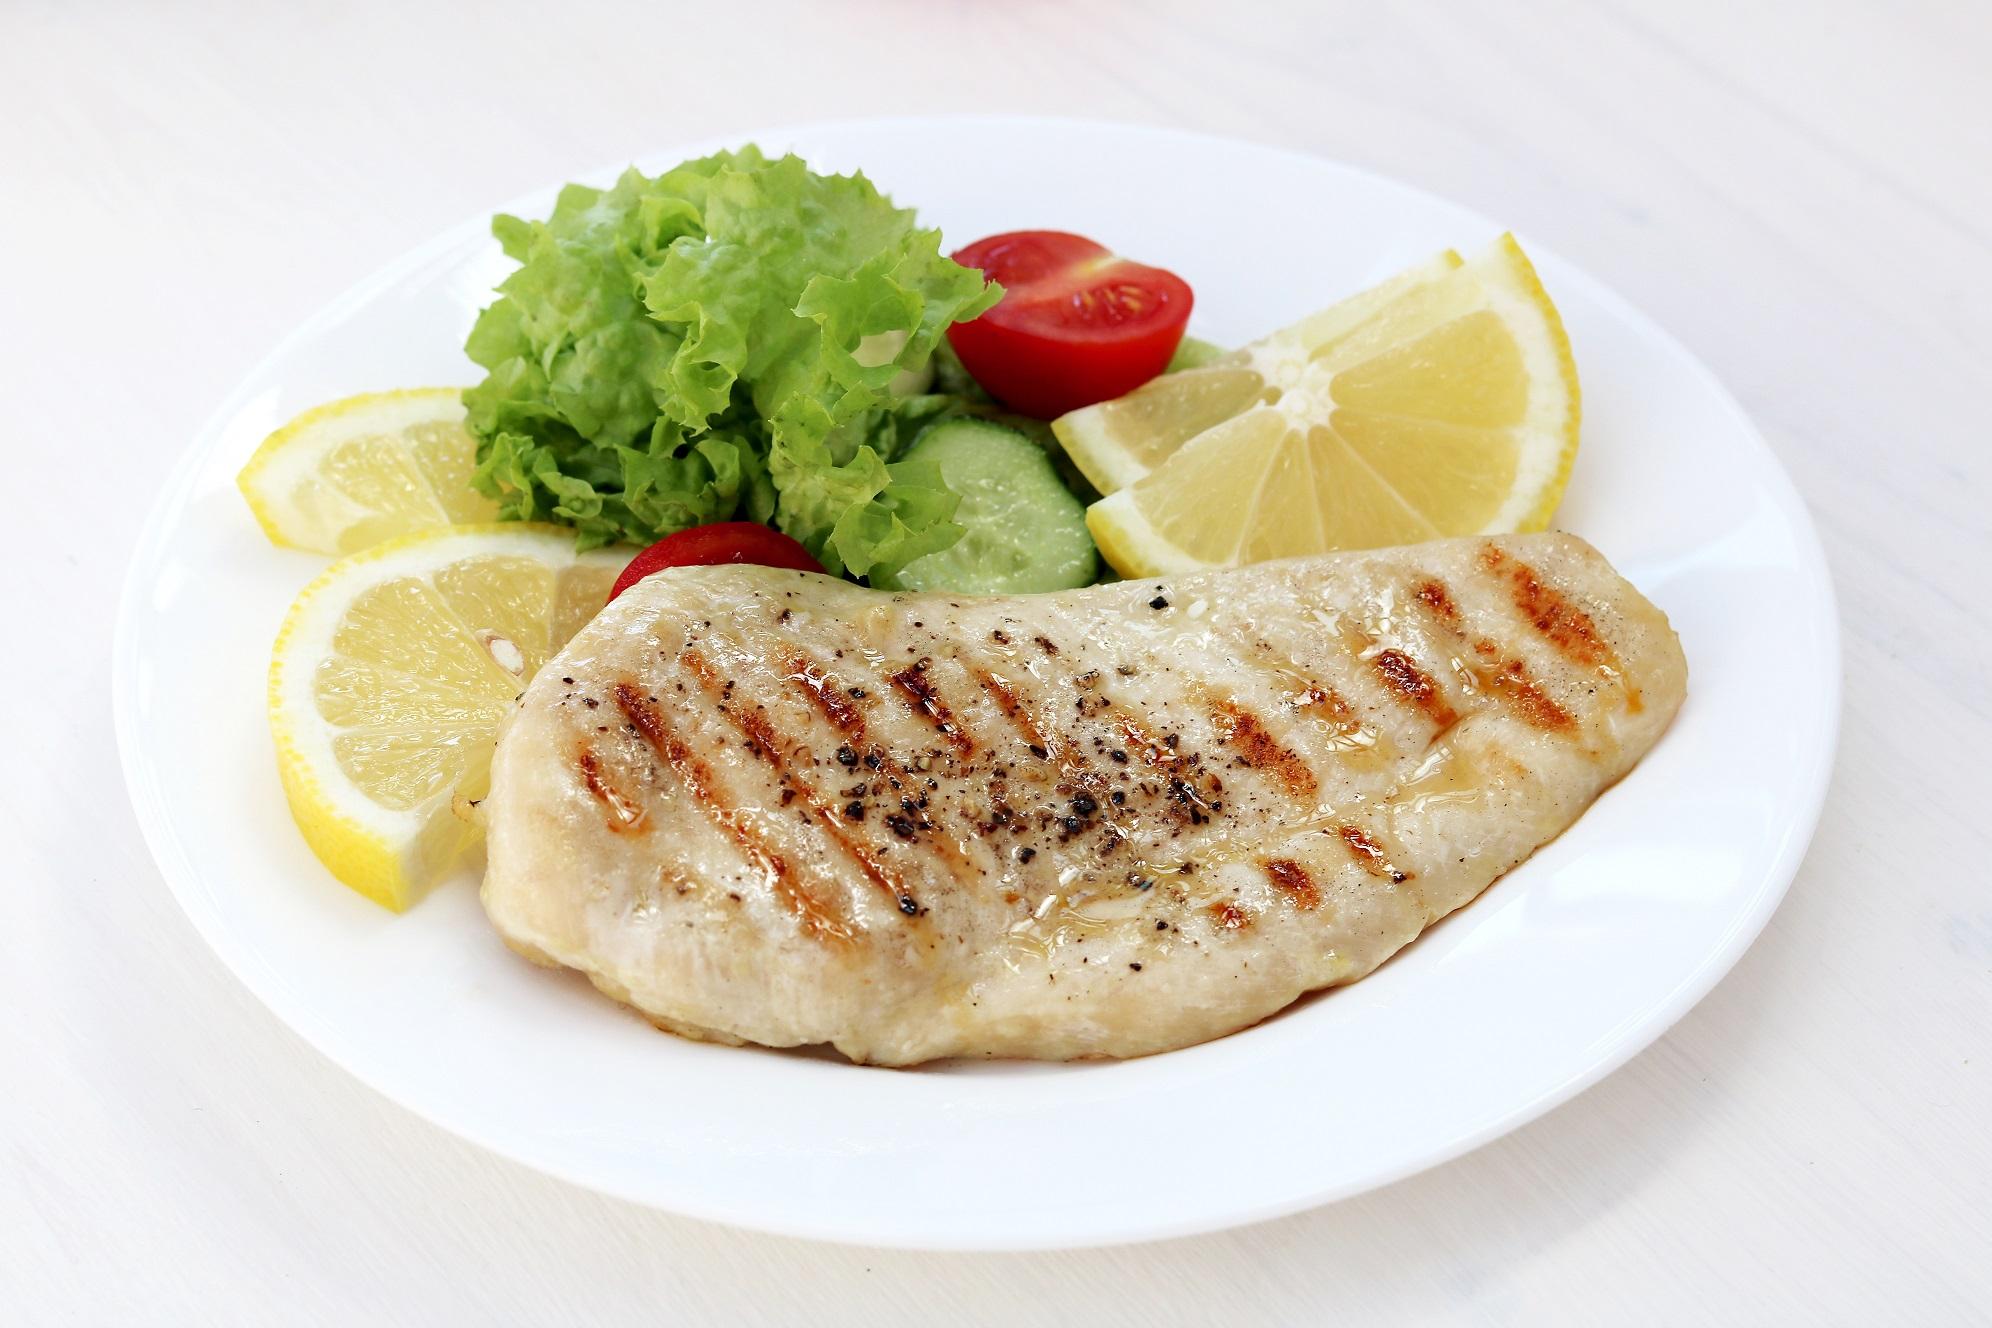 Studiu: Romanii prefera carnea de pui proaspata. Pieptul si pulpele superioare, in top